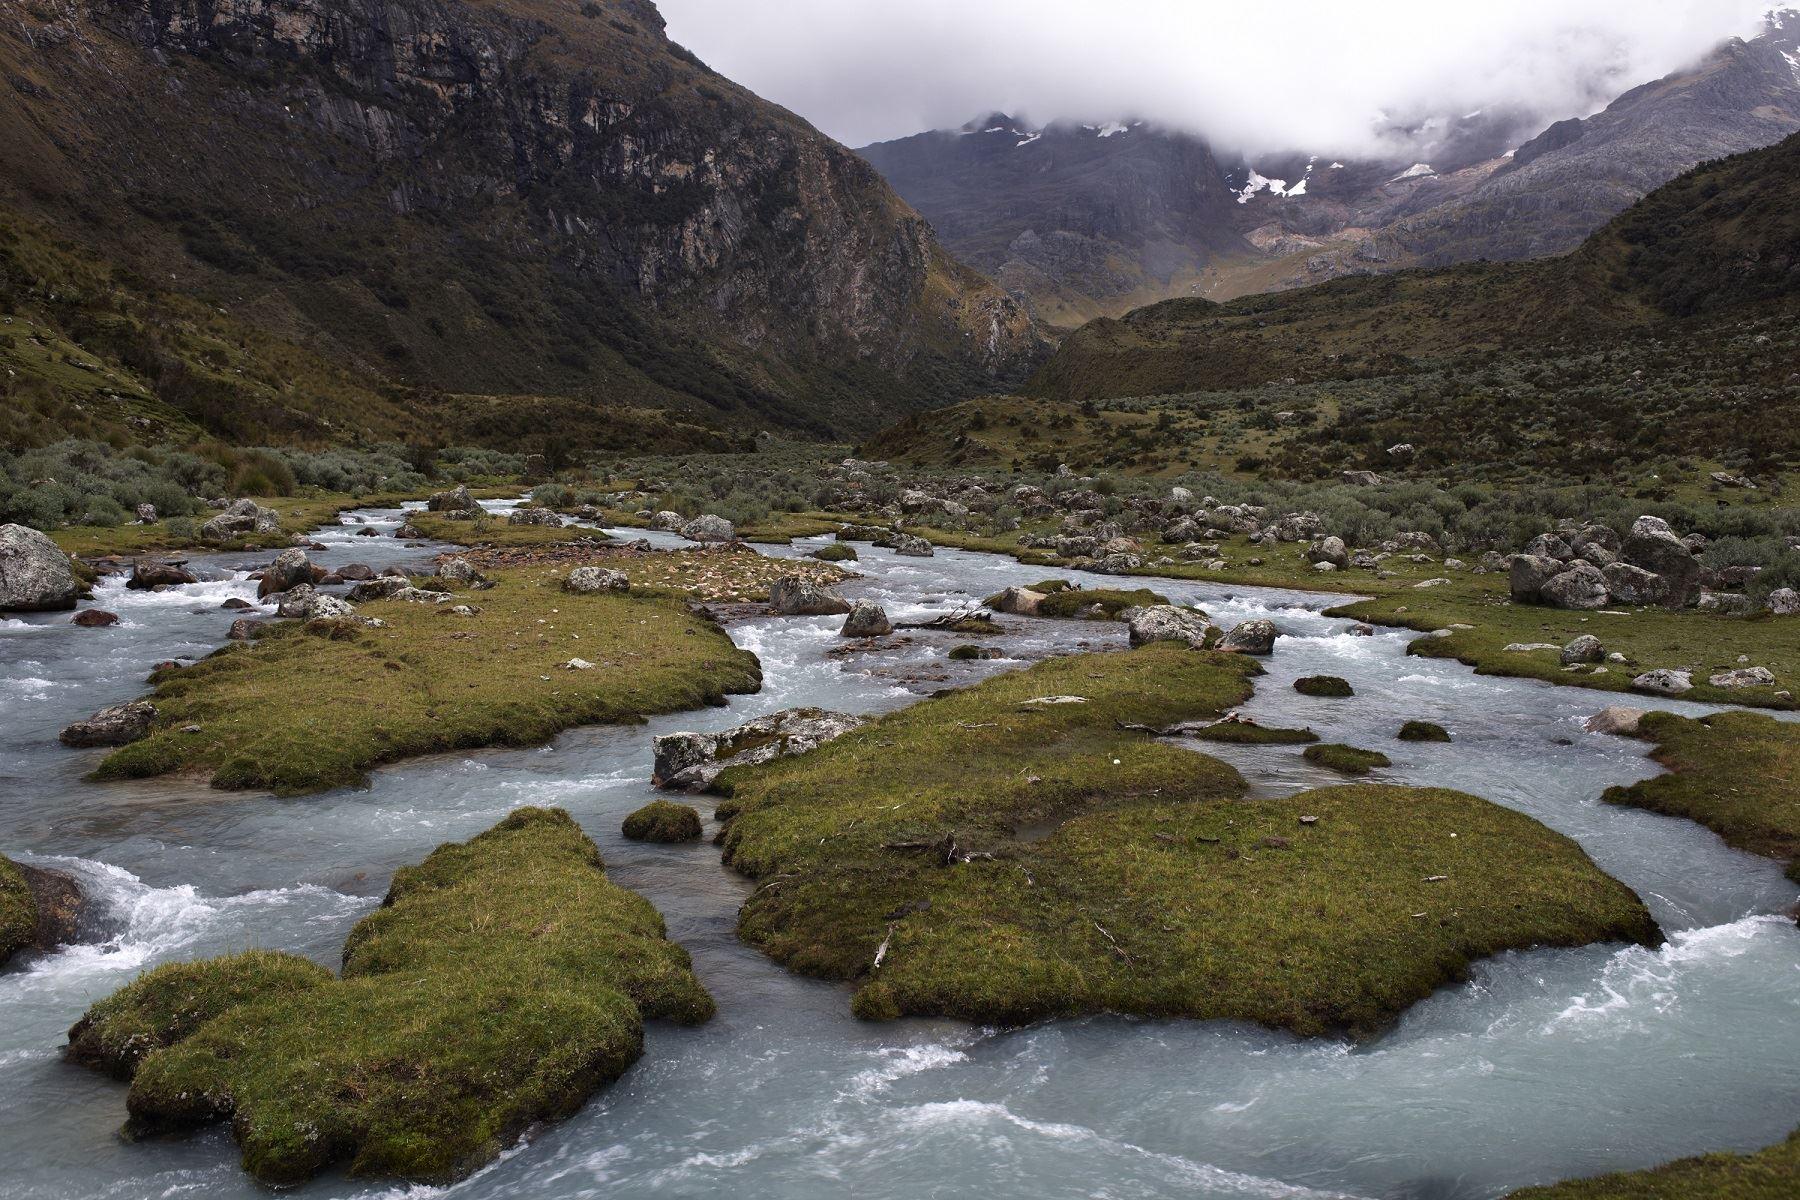 Cuenca hidrográfica.